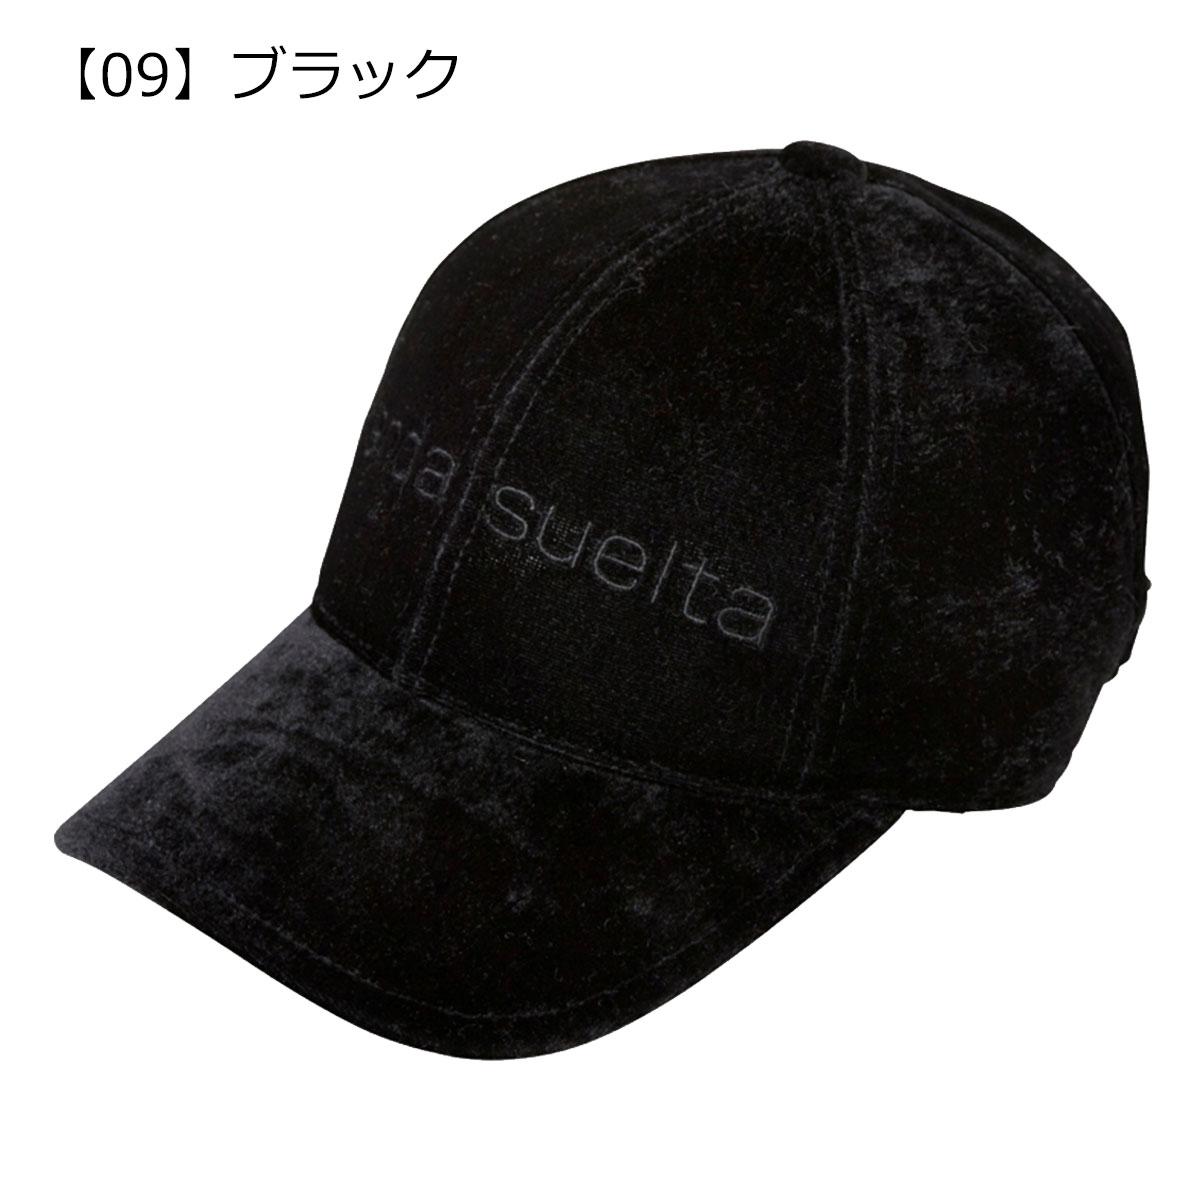 【09】ブラック